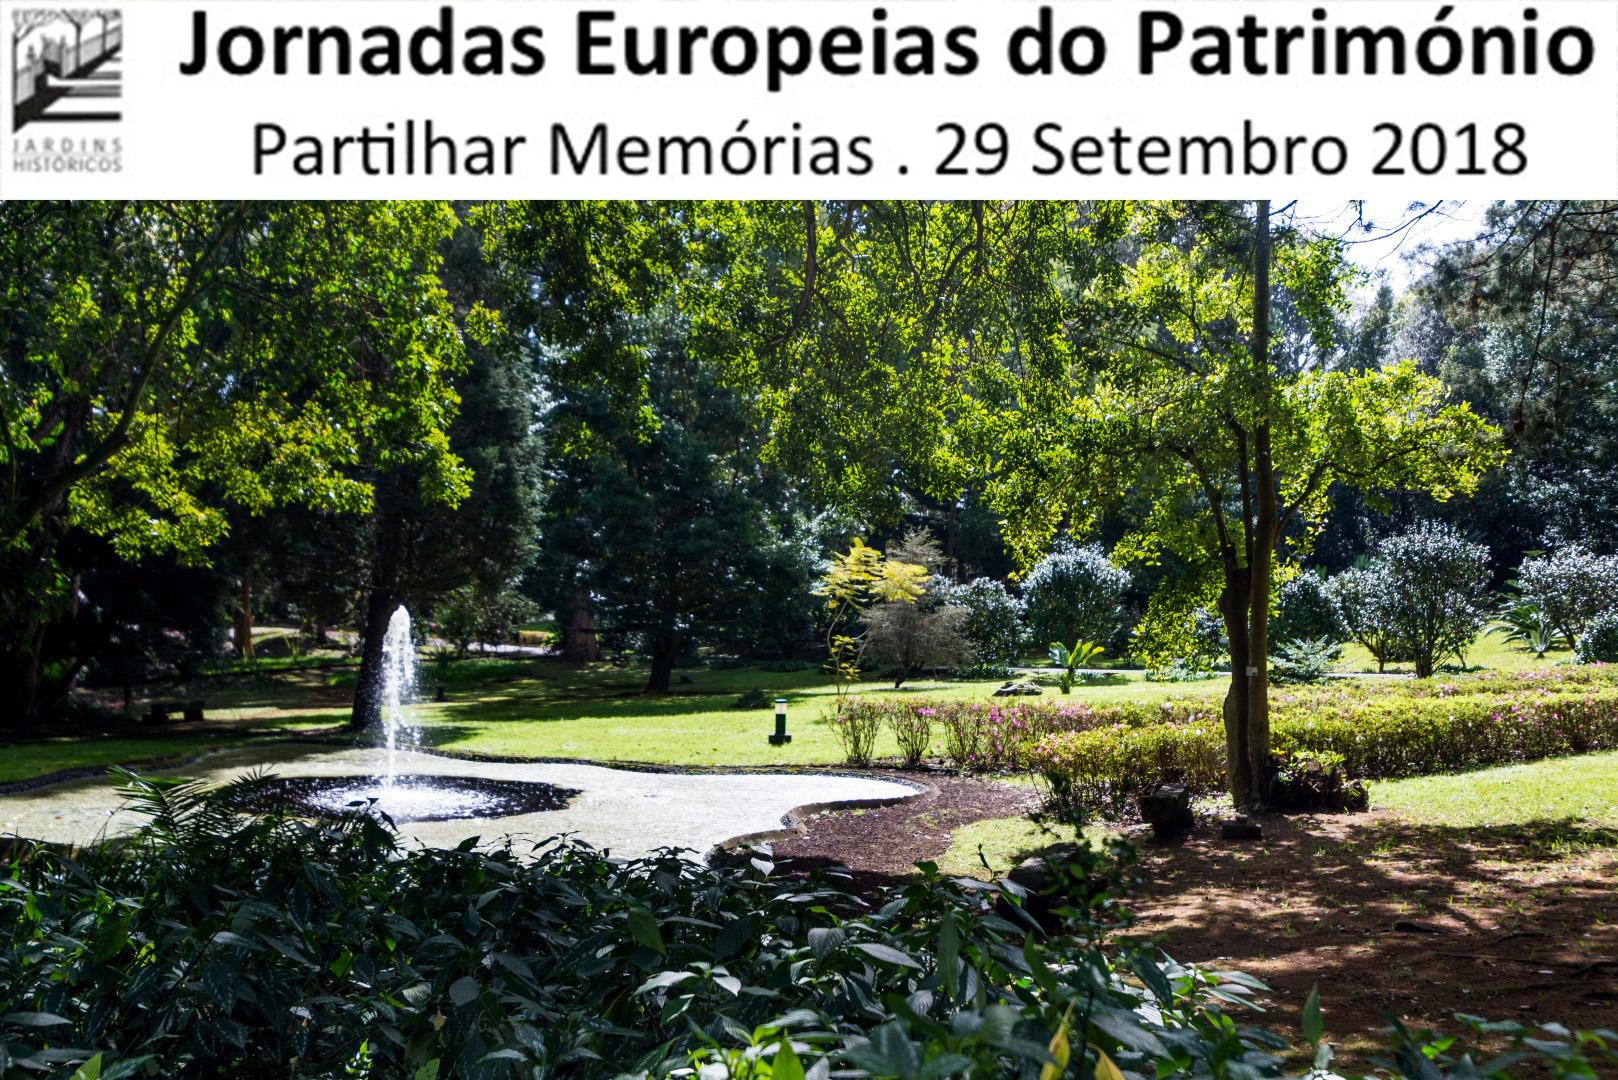 Jardim Botânico José do Canto